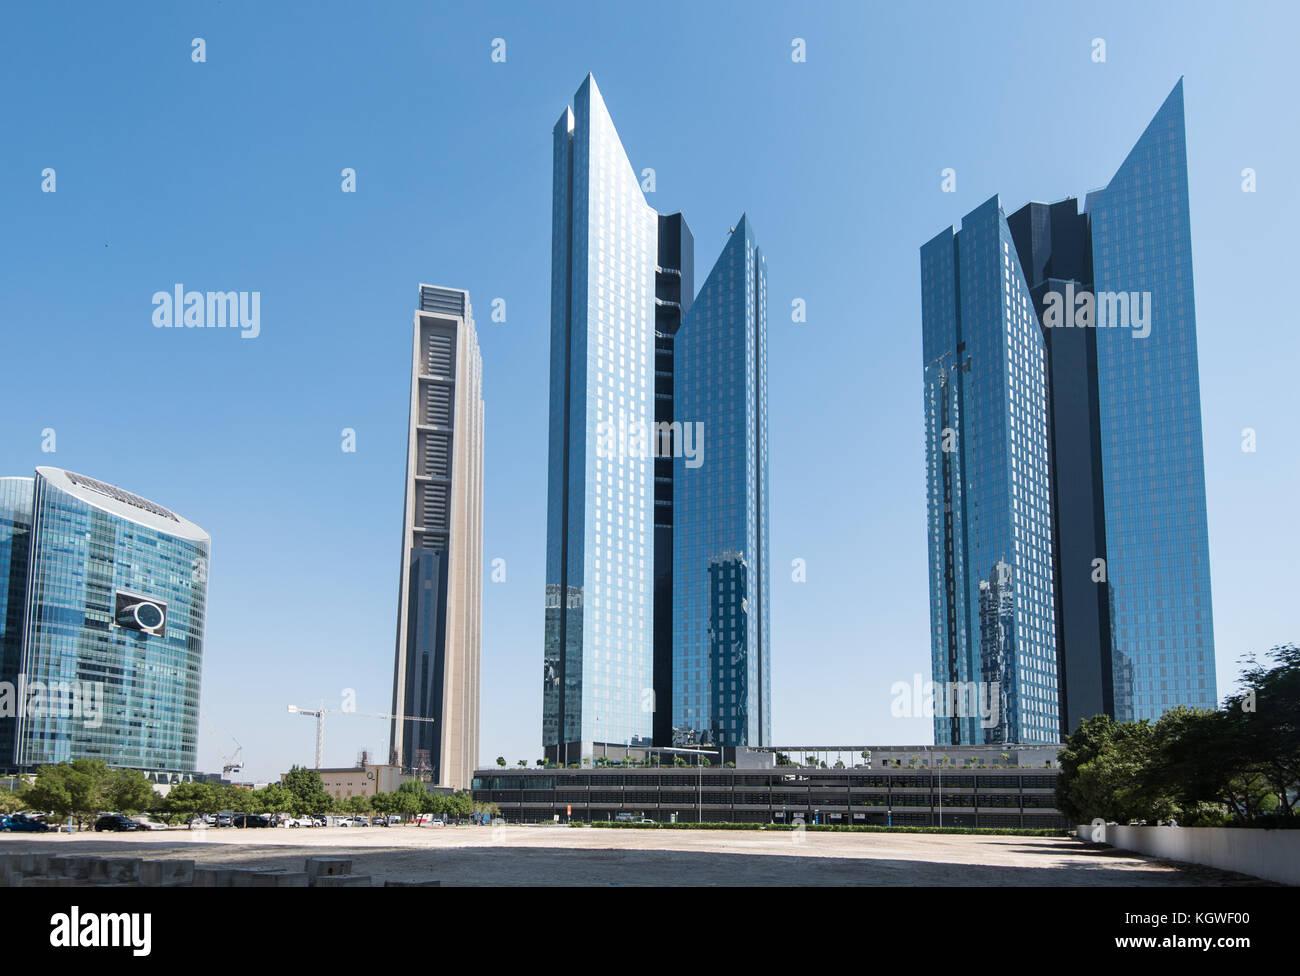 Dubai, Vae - 29 Okt 2017: Central Park Towers im difc, Dubai ist der Index der Turm kann auch auf der rechten Seite Stockbild